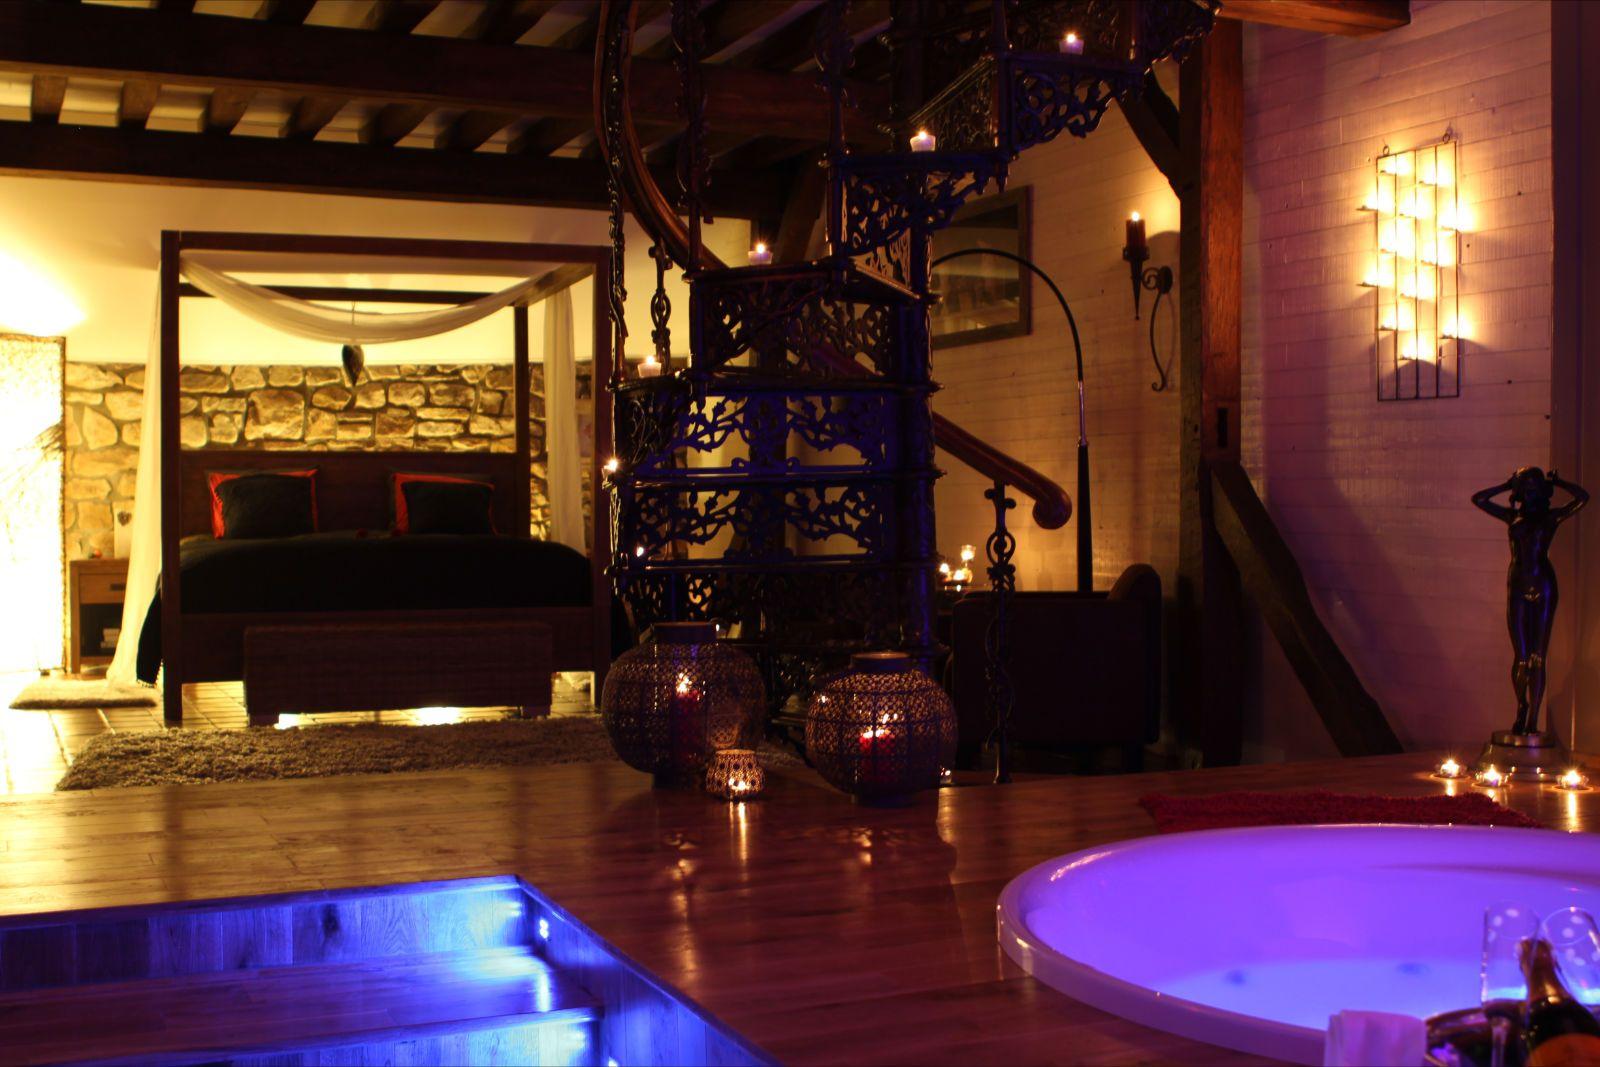 suite indonésienne - jacuzzi 2 places, lit baldaquin, fontaine et